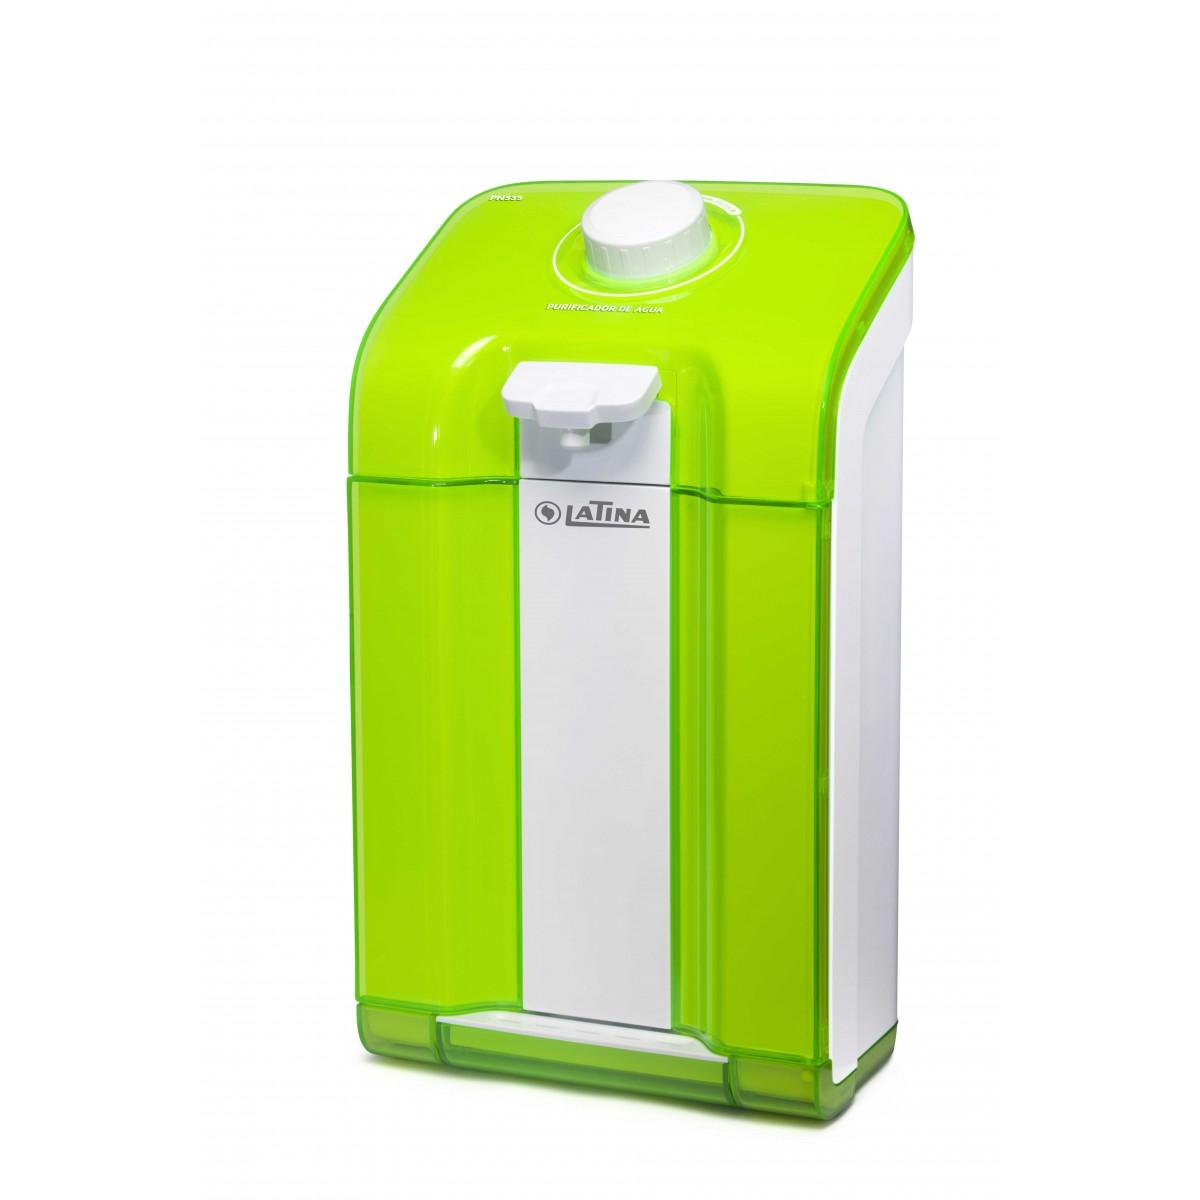 Purificador de Água Latina Pn535 Verde  - ShopNoroeste.com.br